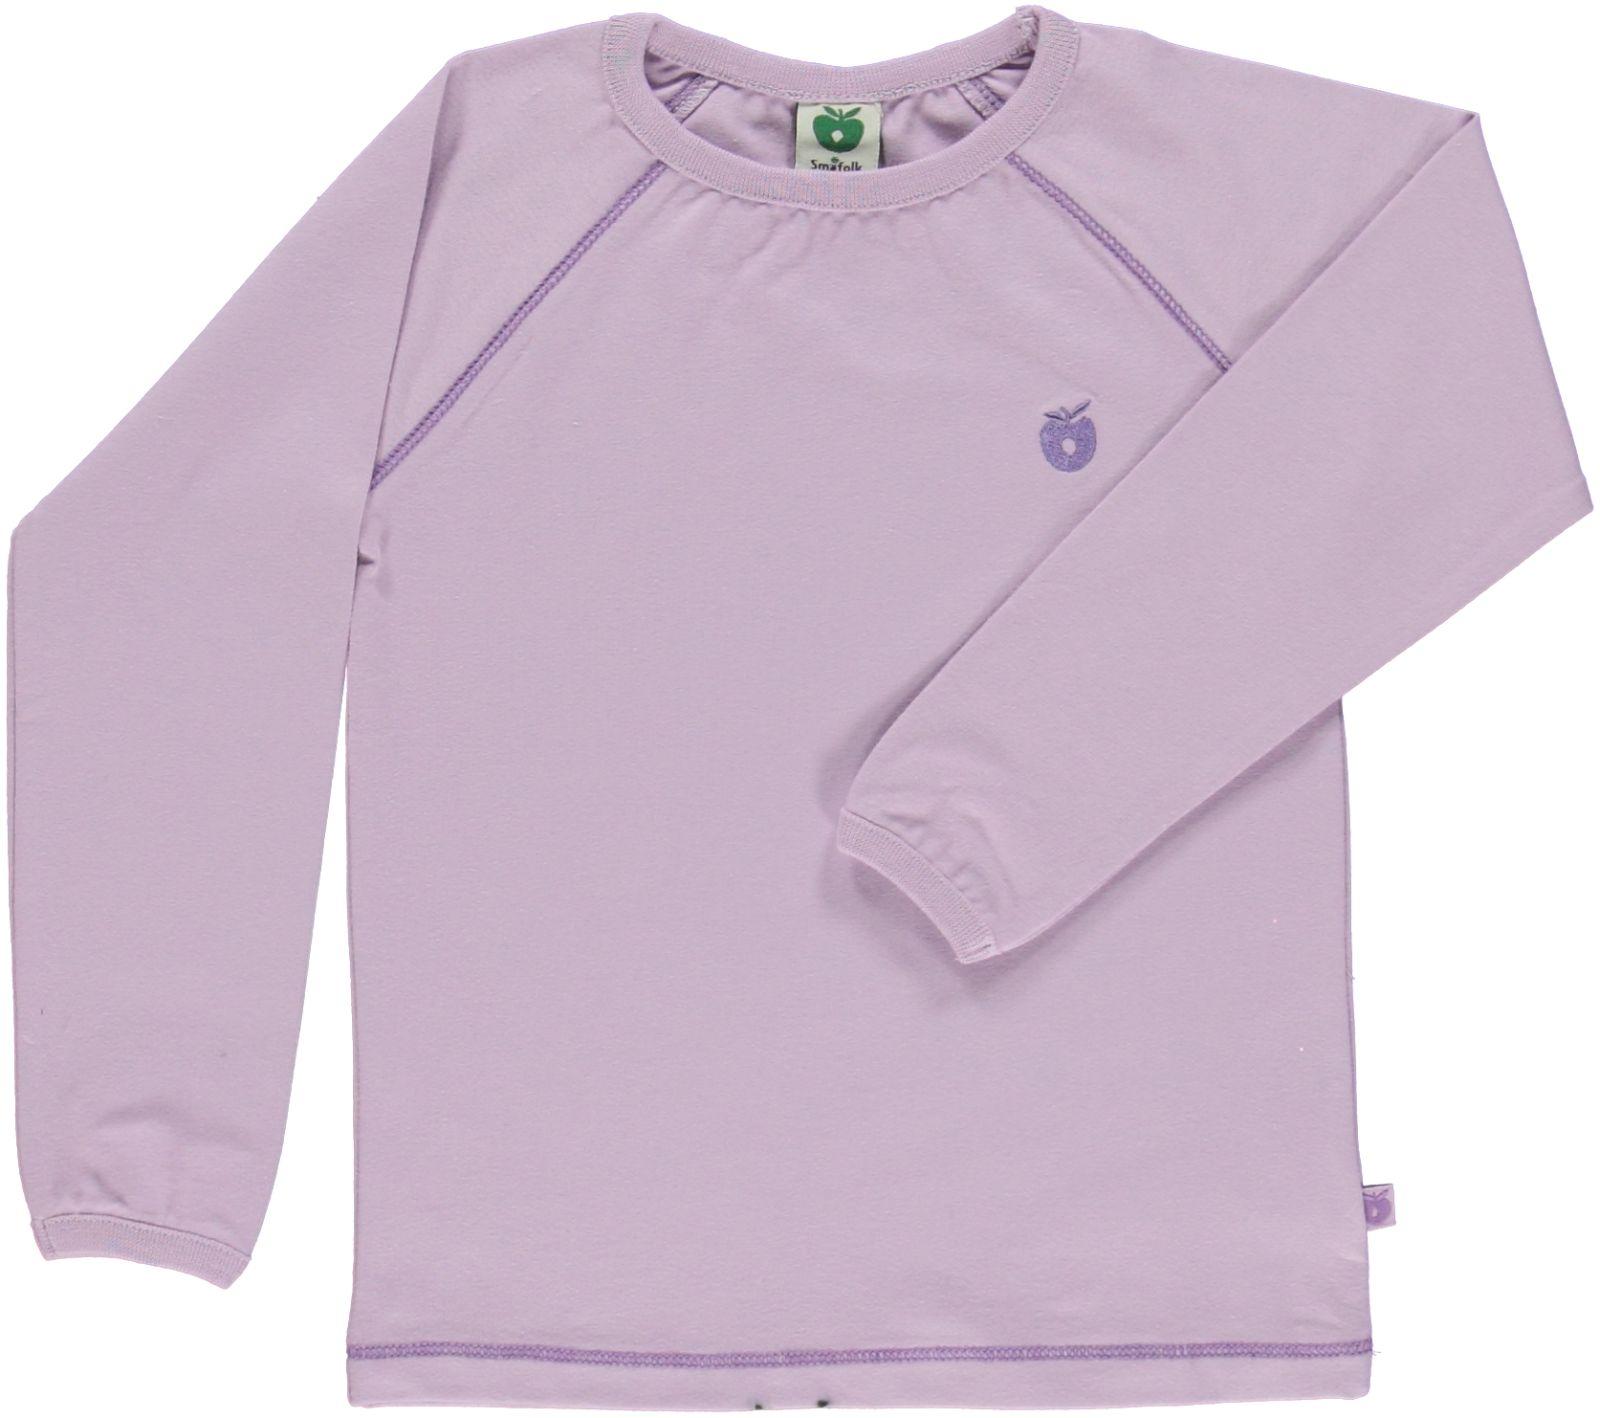 Småfolk - Organic Basic Longsleved T-Shirt - Lavender